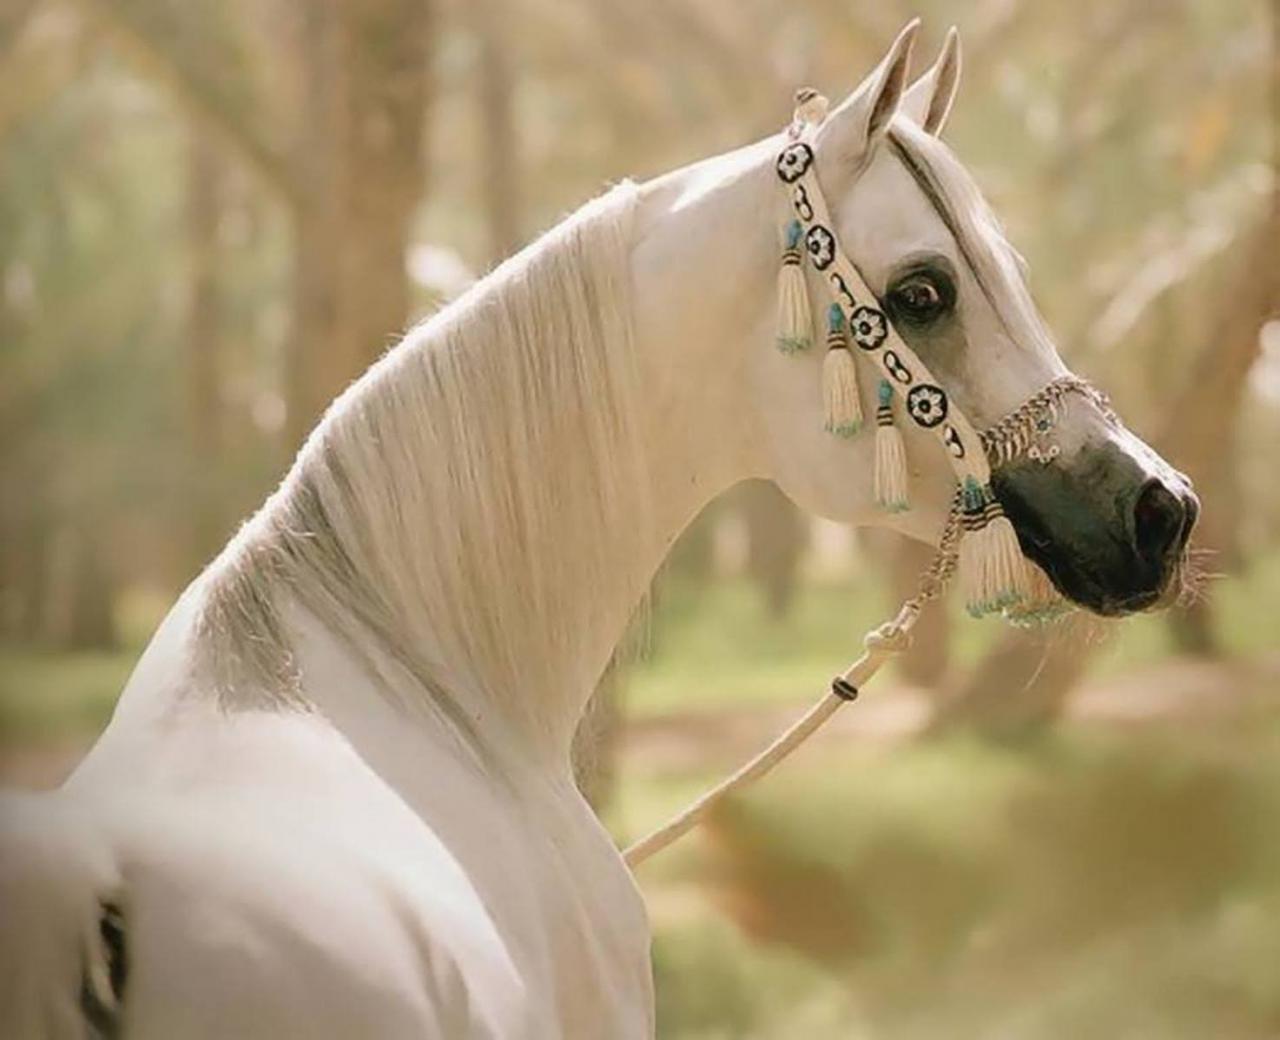 صور اجمل خيل عربي , الخيول العربية الاصيلة وما اجملها